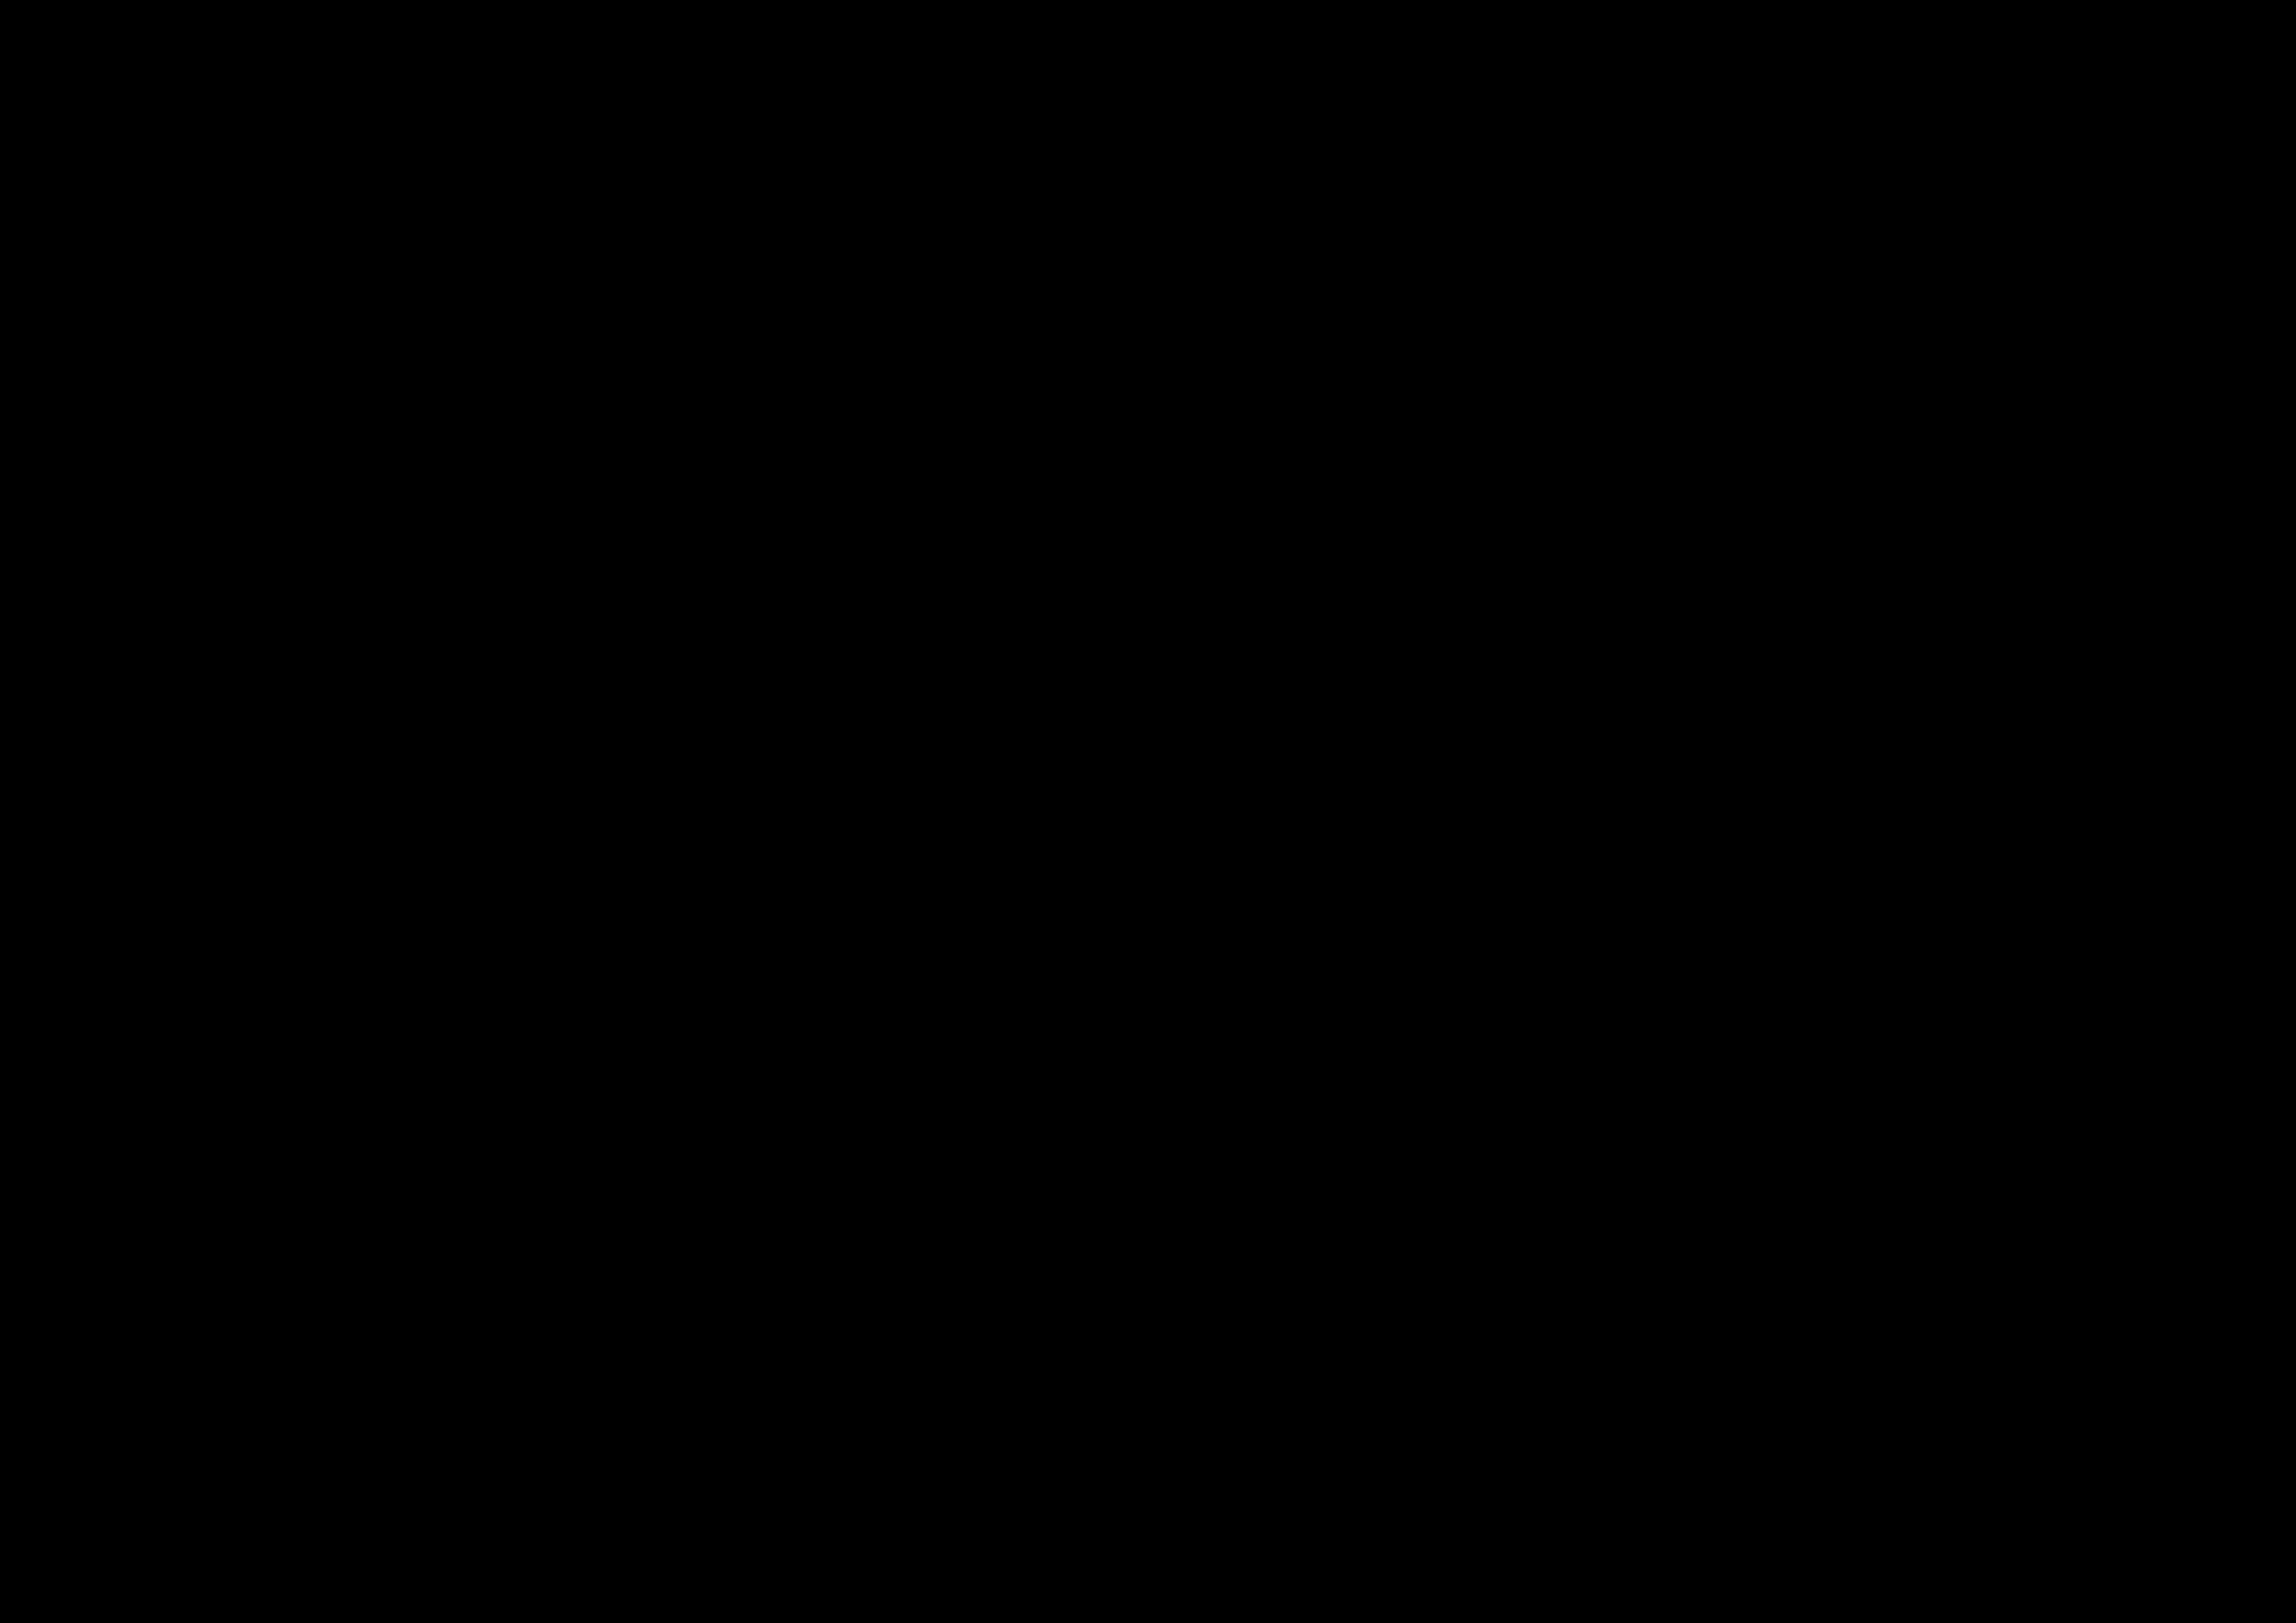 ABCAAA